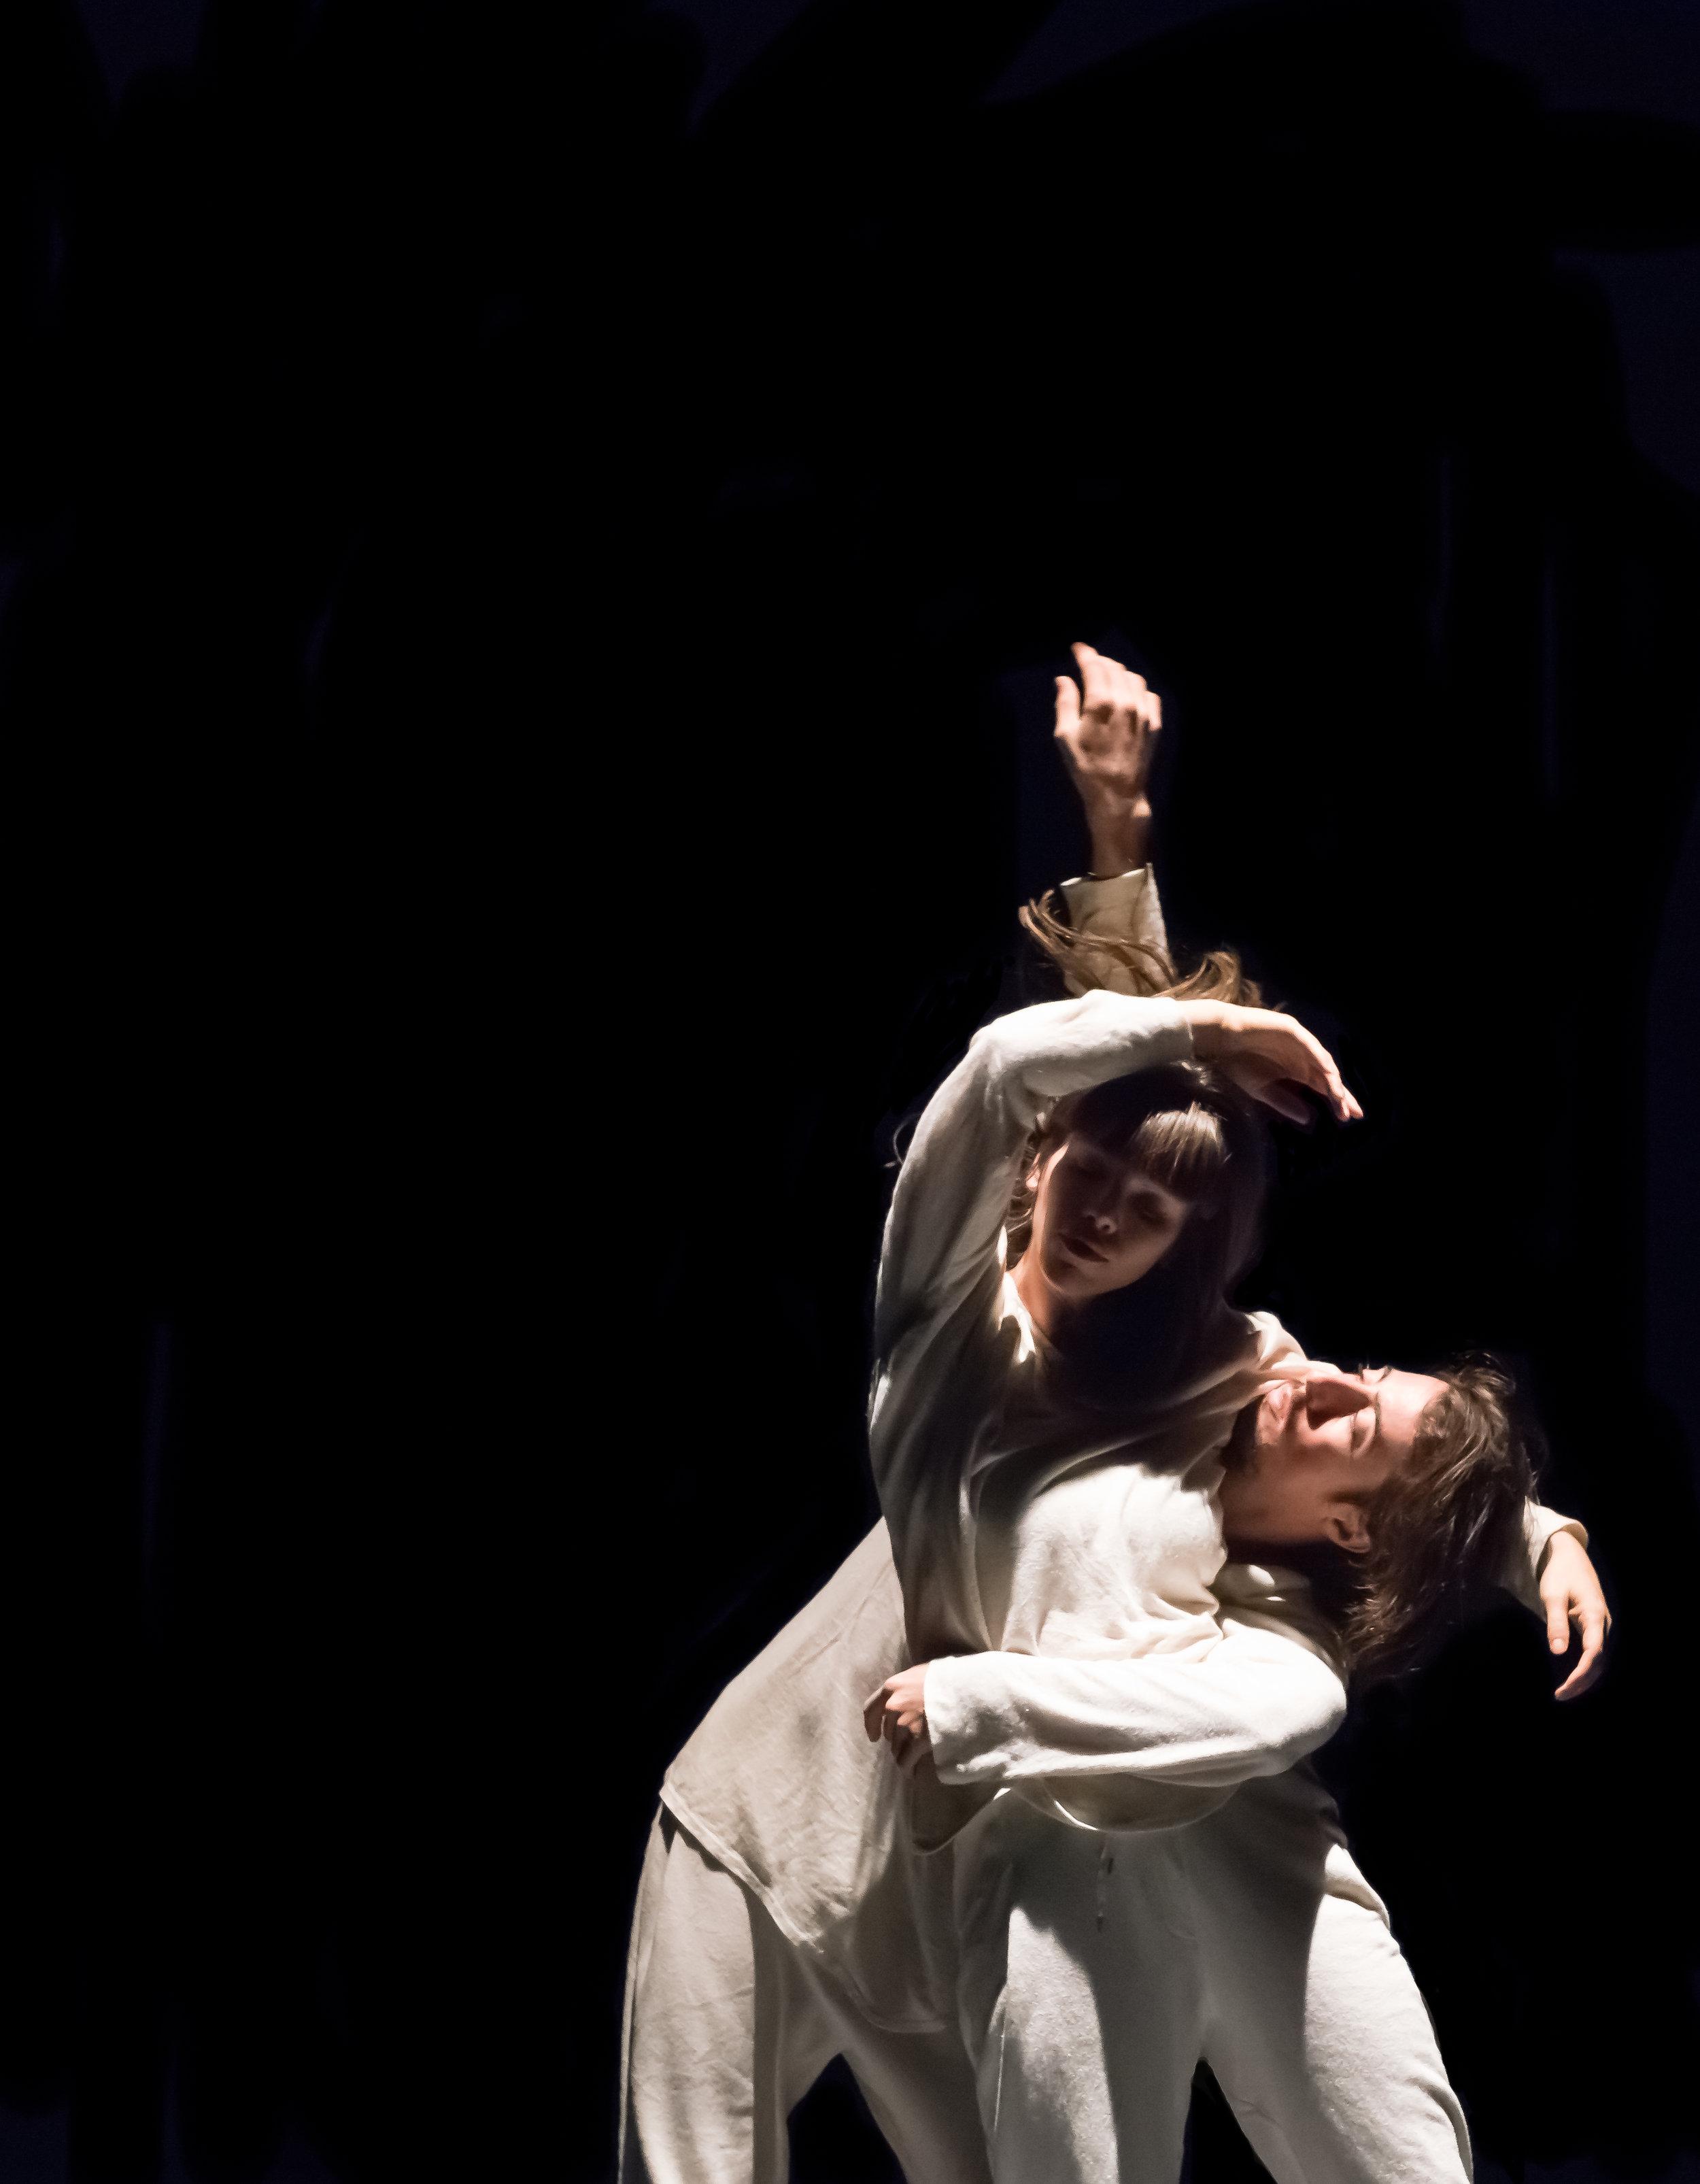 SYNCING FEELINGThéâtrE National de ChaillotParis, FRANCE - 11 - 13 APRIL